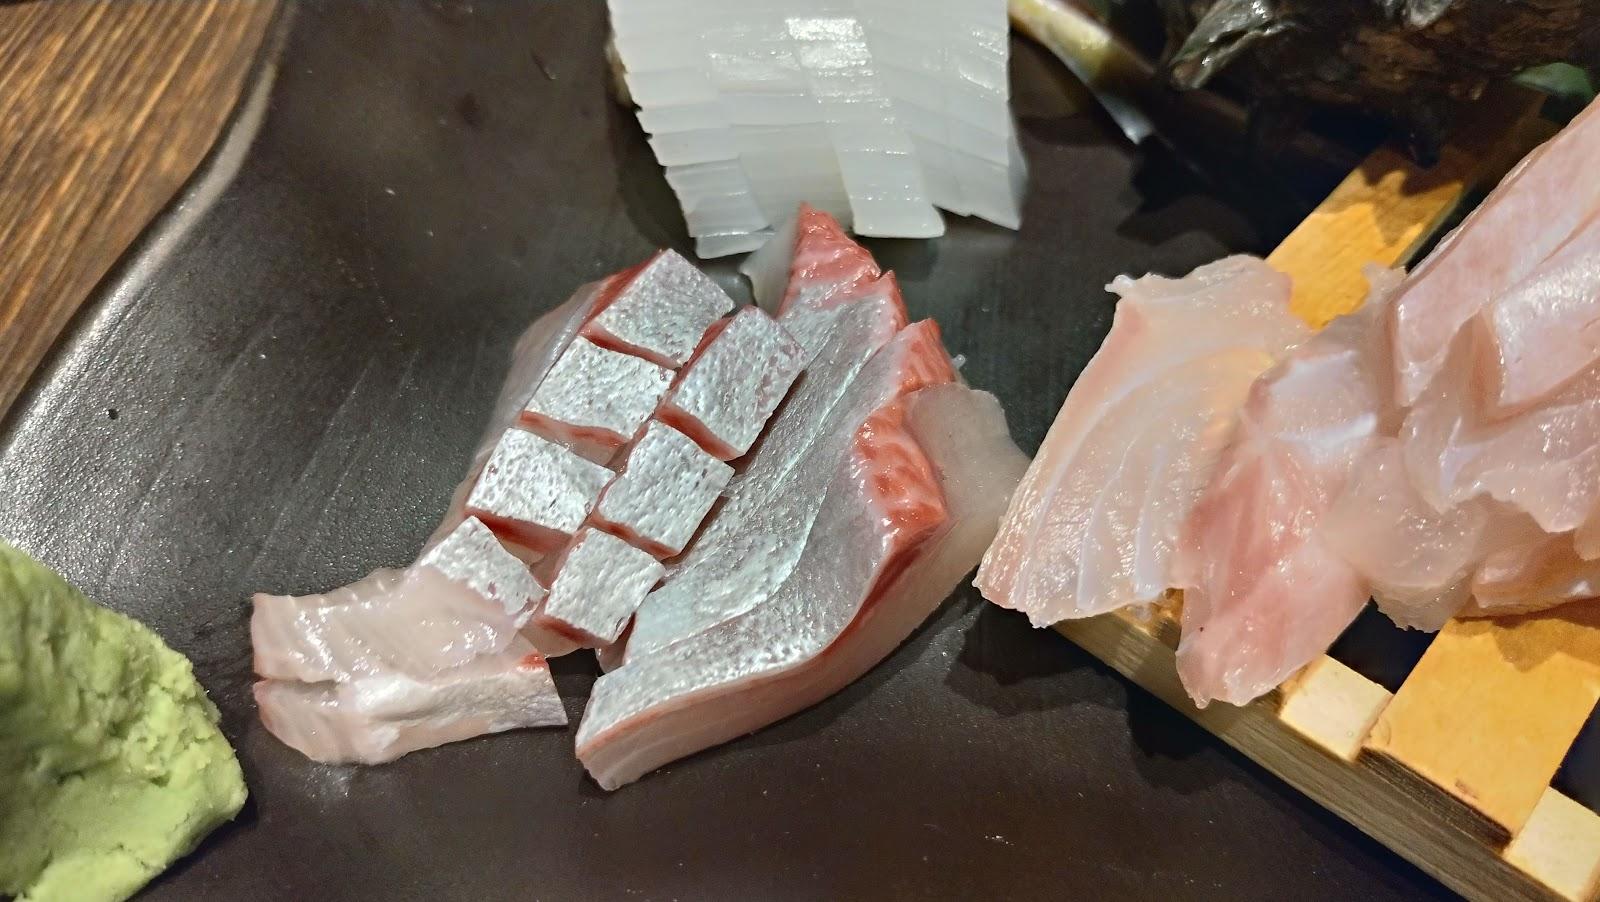 はまち 長崎市居酒屋の魚店亜紗 (うおだなあさ)がスーパーおすすめ!